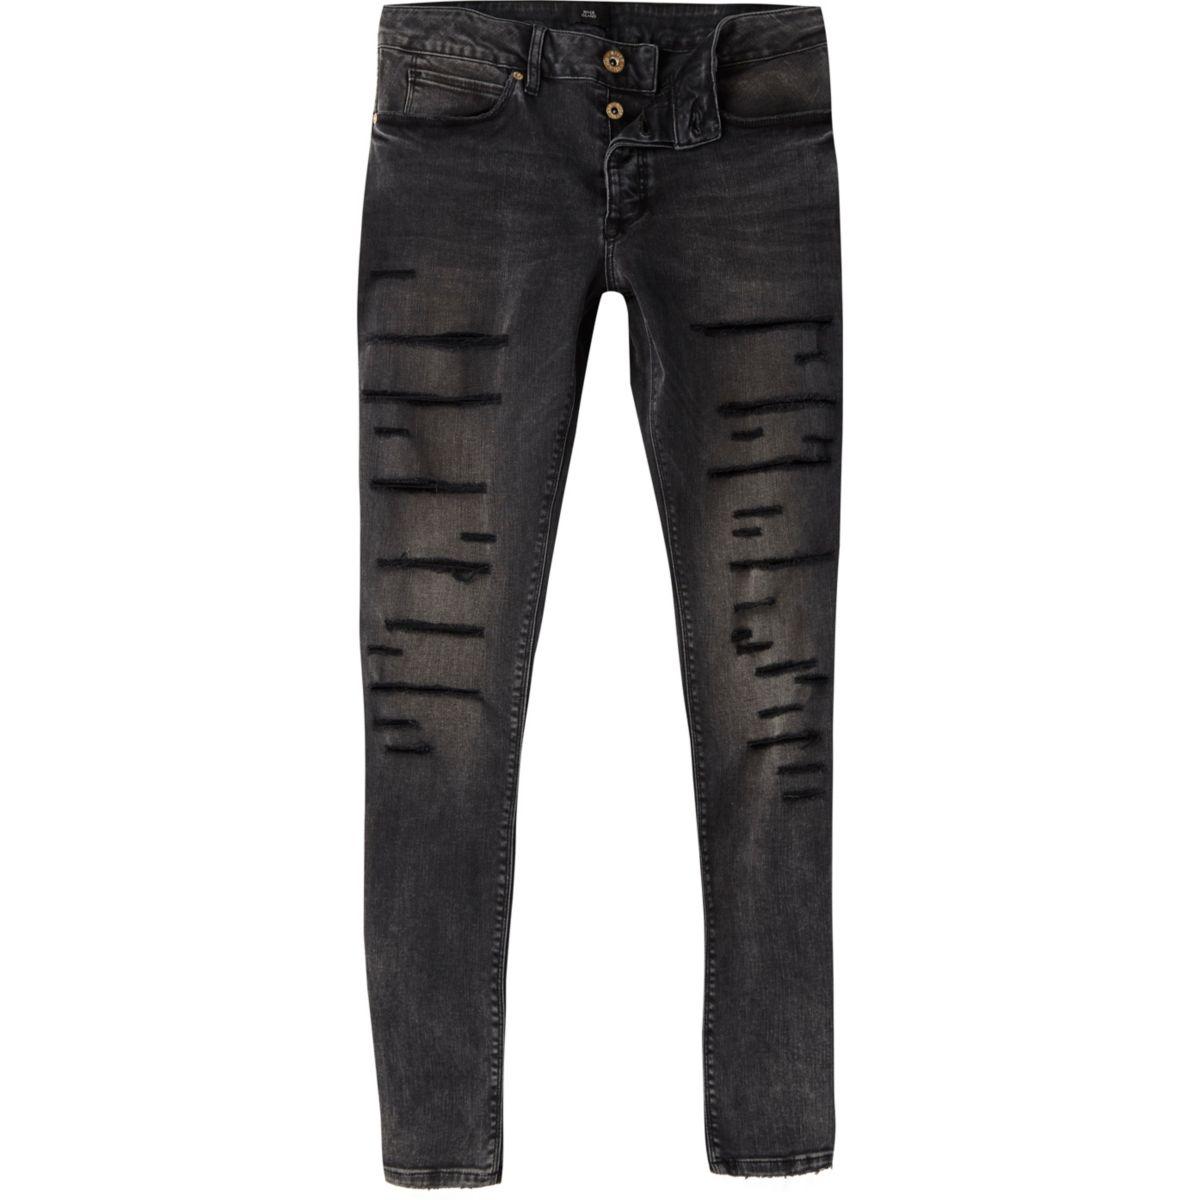 Black Ollie super skinny spray on rip jeans